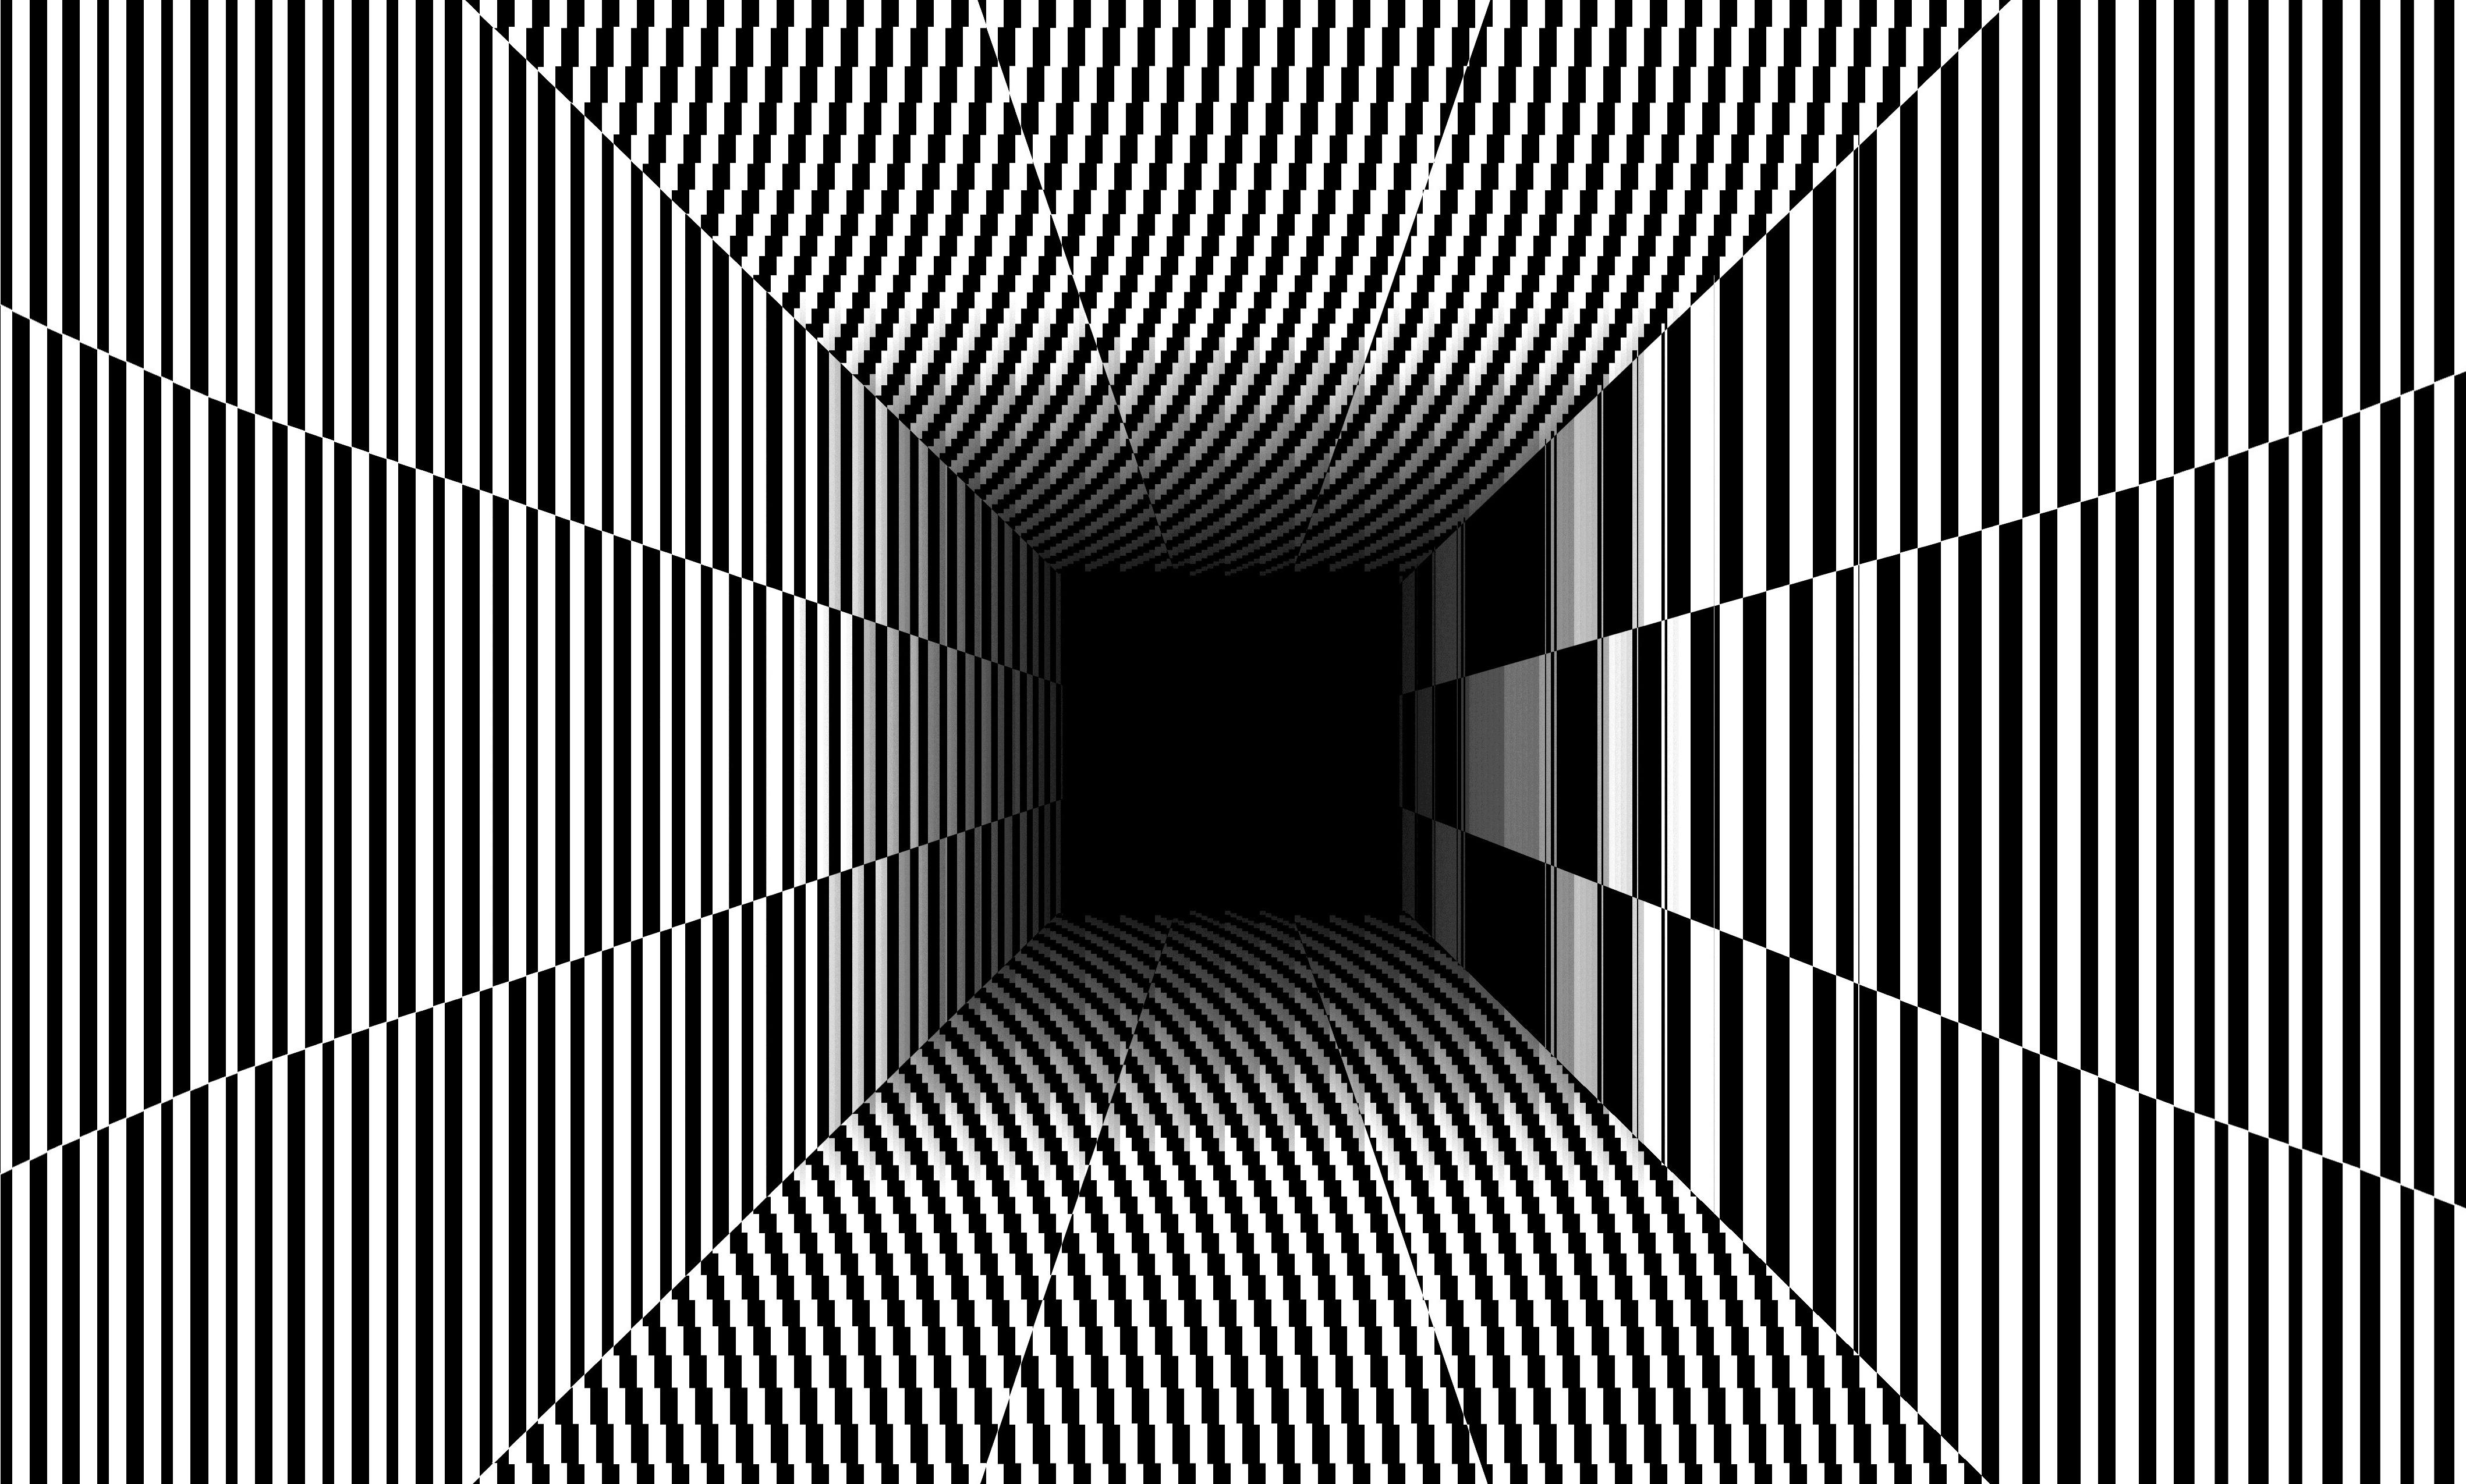 Днем, иллюзии в картинках